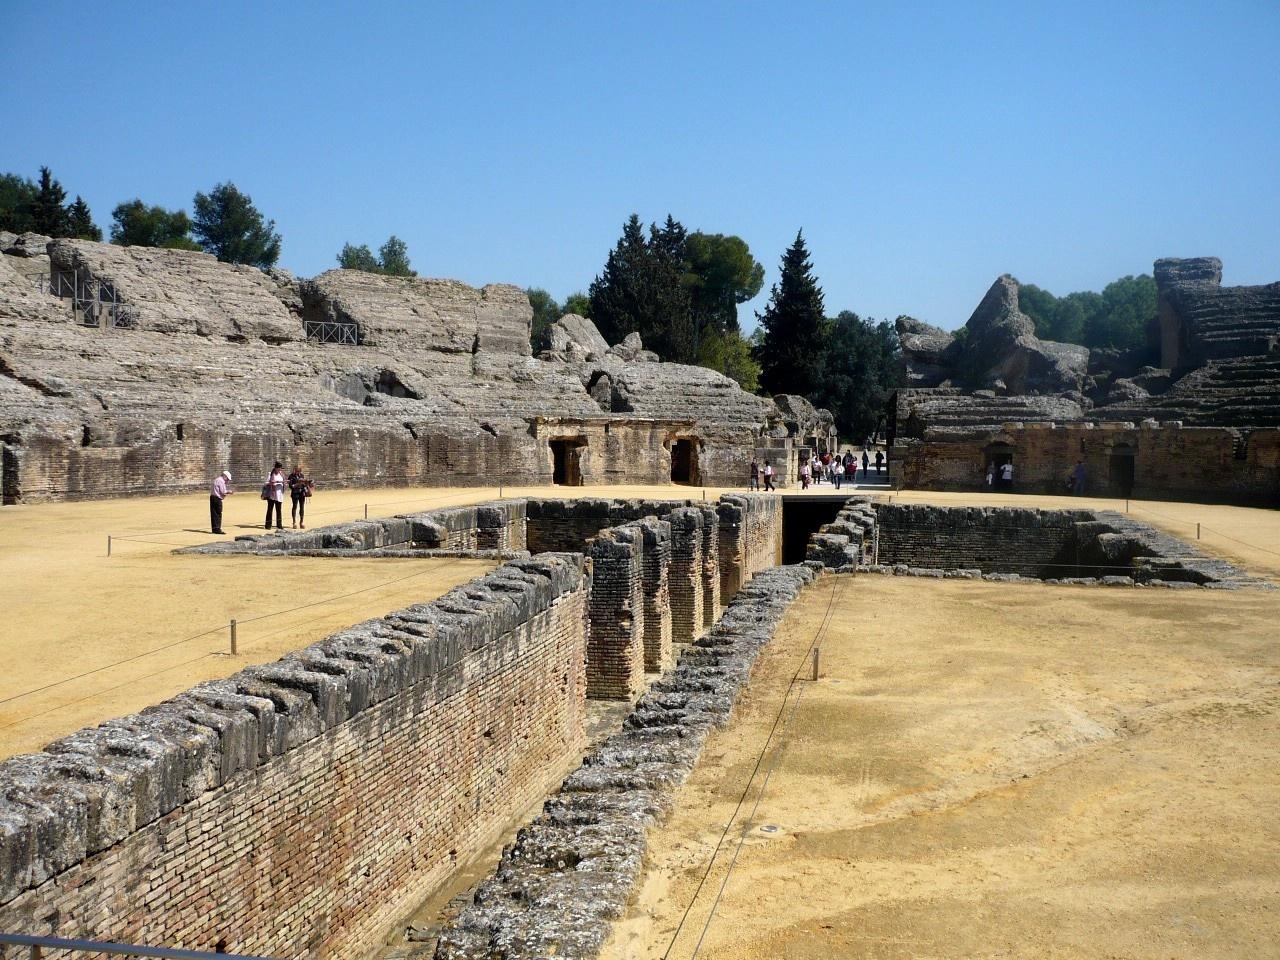 Cultura y Deporte convoca ofertas para espectáculos en los teatros romanos de Baelo Claudia e Itálica